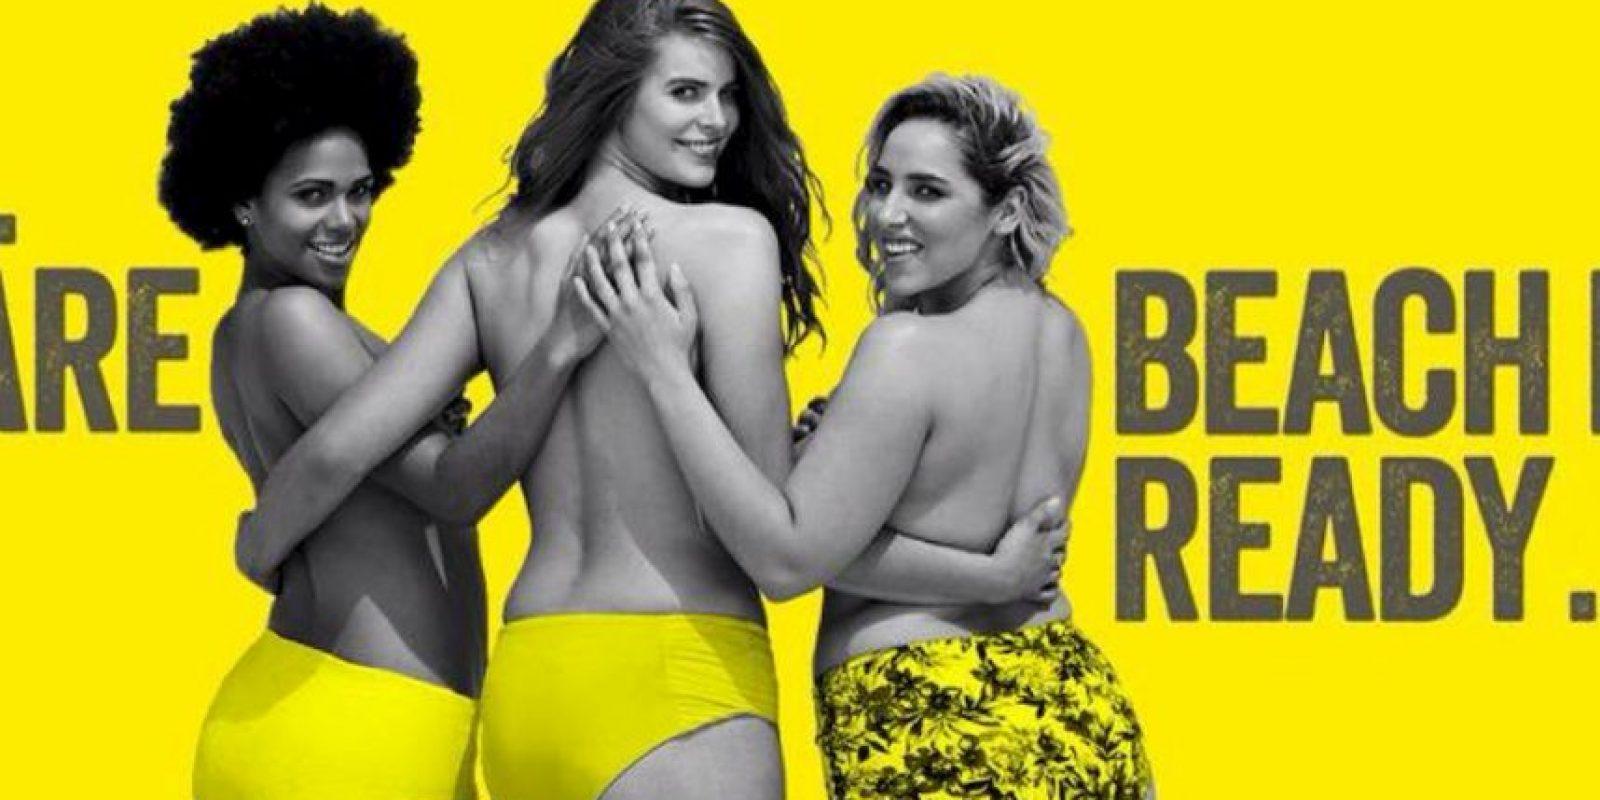 """El cartel diseñado anónimamente afirma: """"Sí. Nuestro cuerpo está listo para la playa"""" Foto:Vía Twitter @LAAFapparel"""